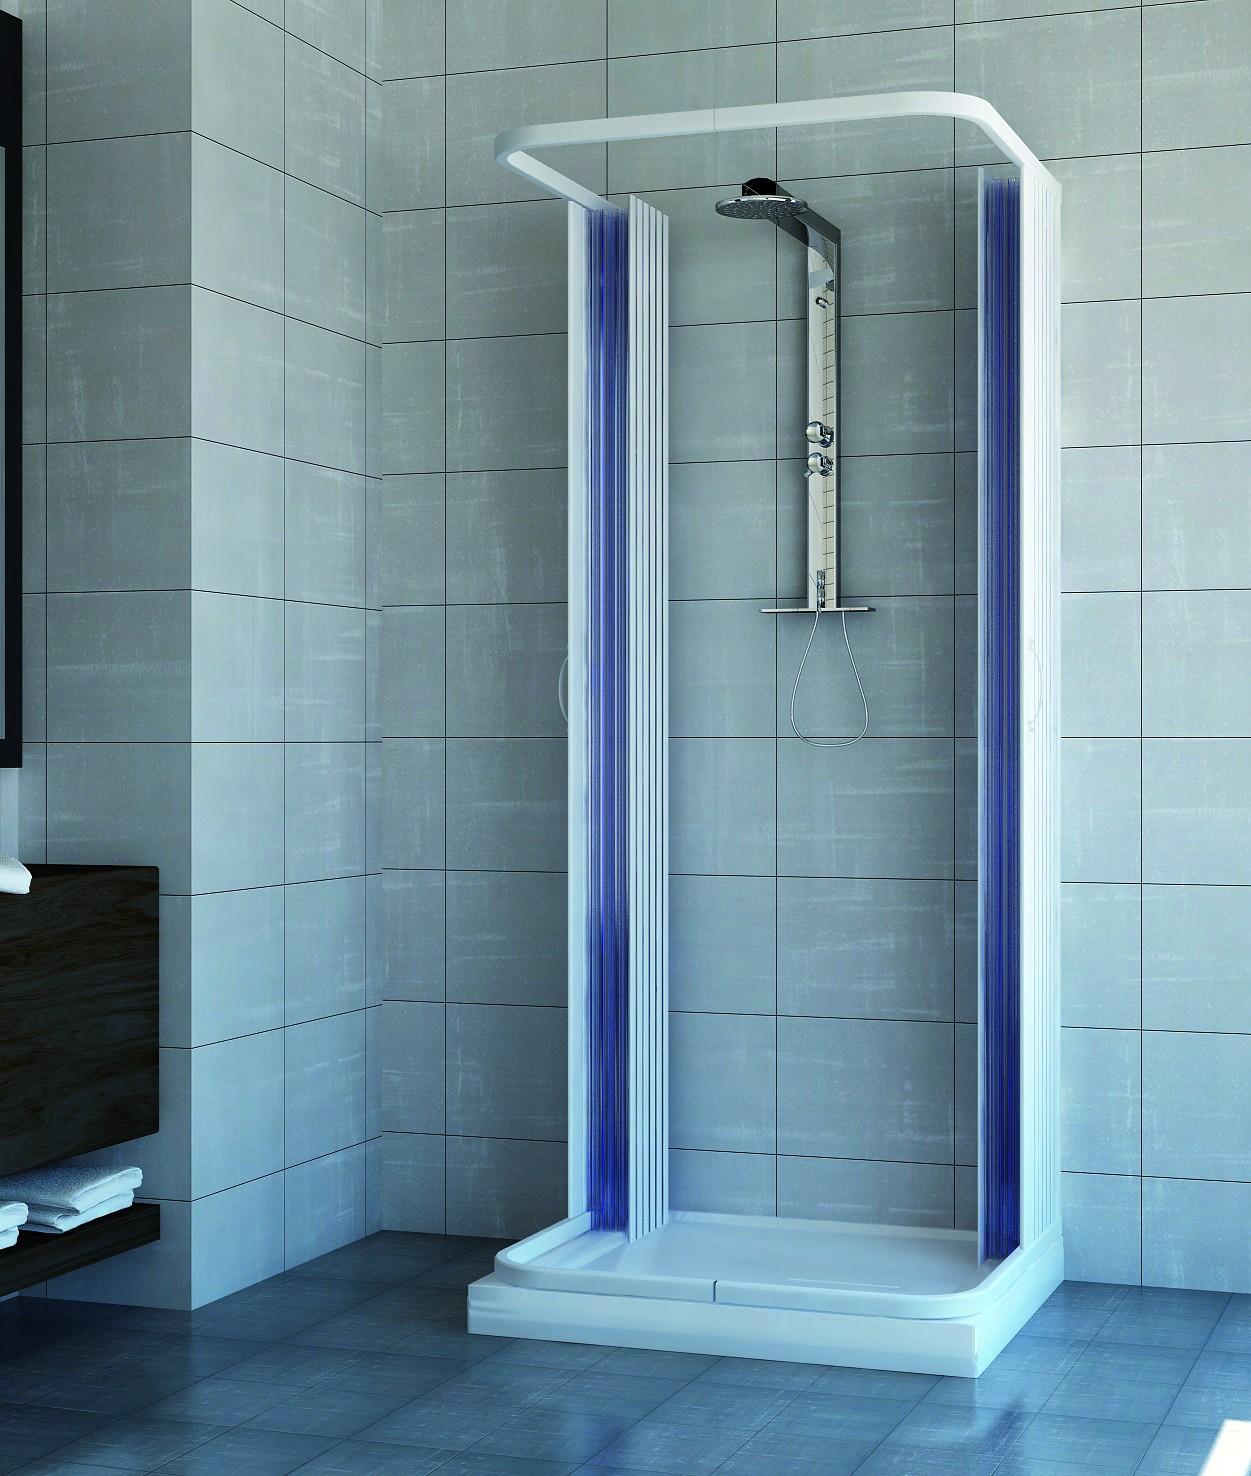 Cabina doccia 65 65 termosifoni in ghisa scheda tecnica - Cabina doccia teuco prezzi ...